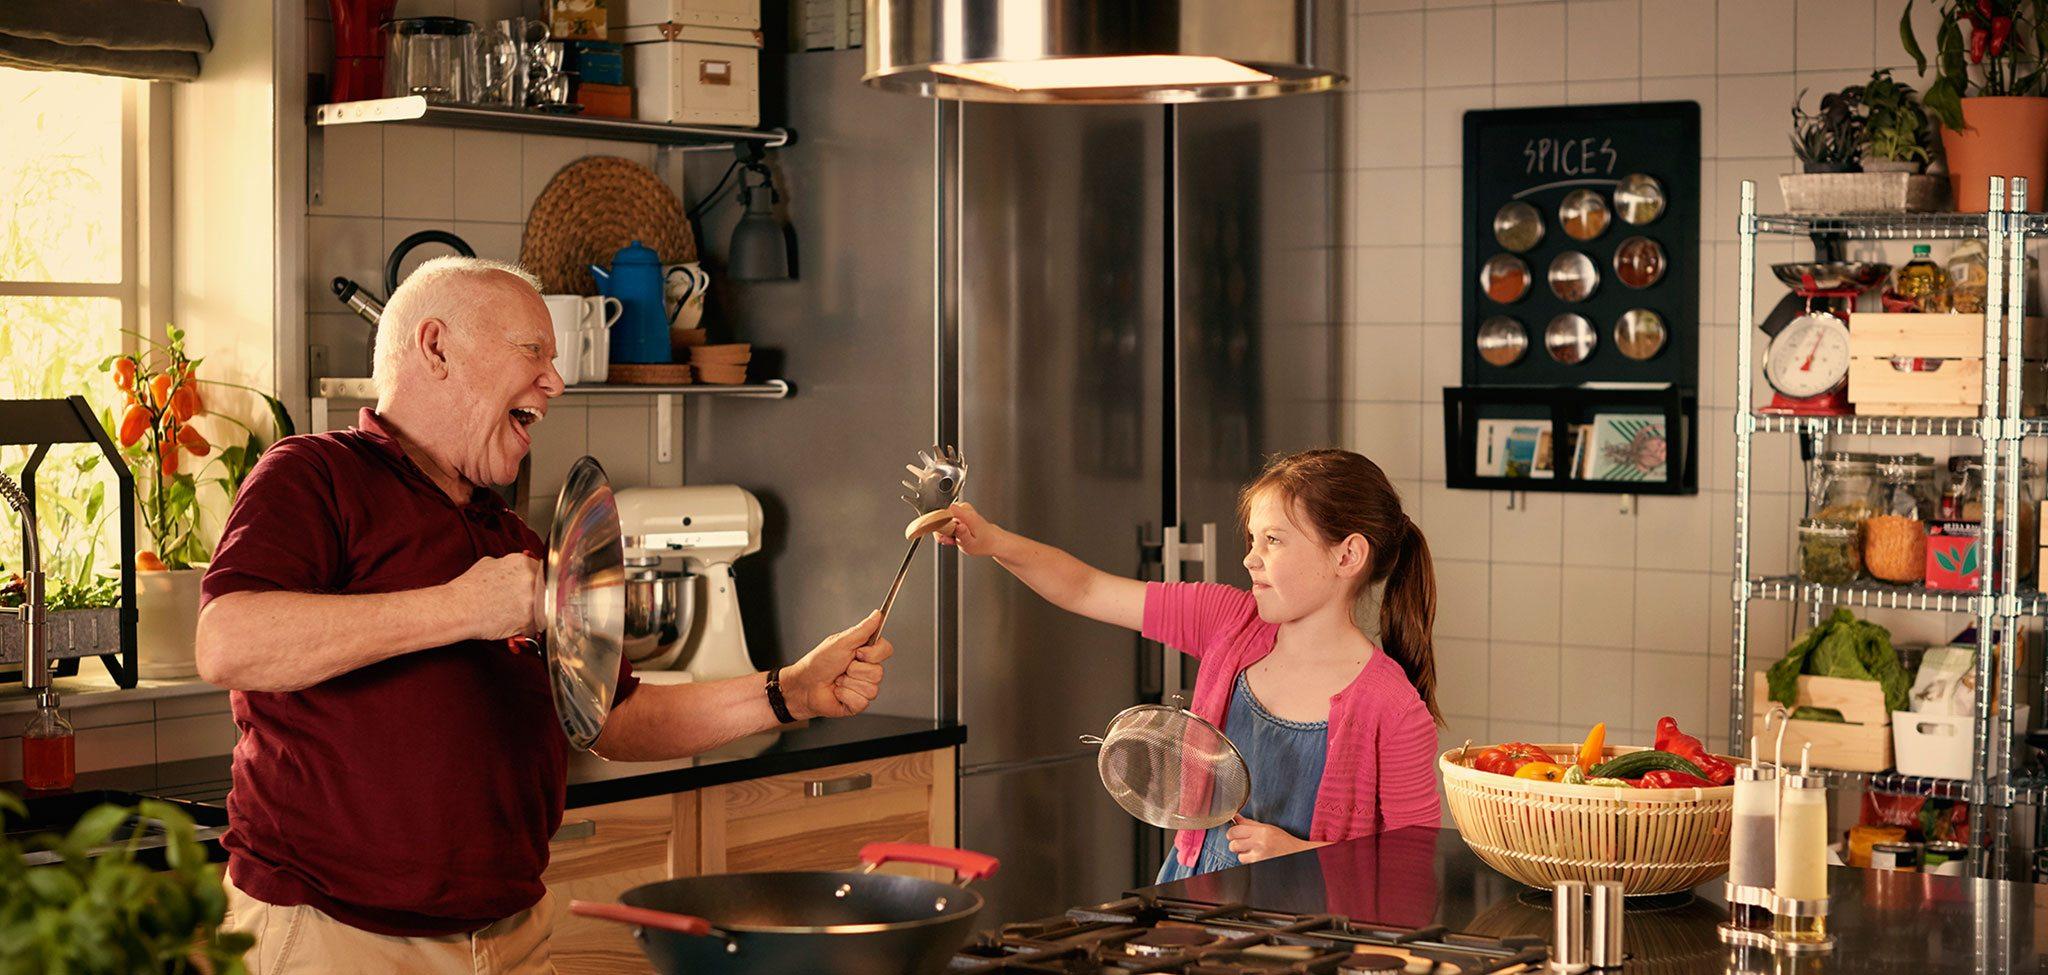 Amelie'nin yönetmeninden Ikea reklamı